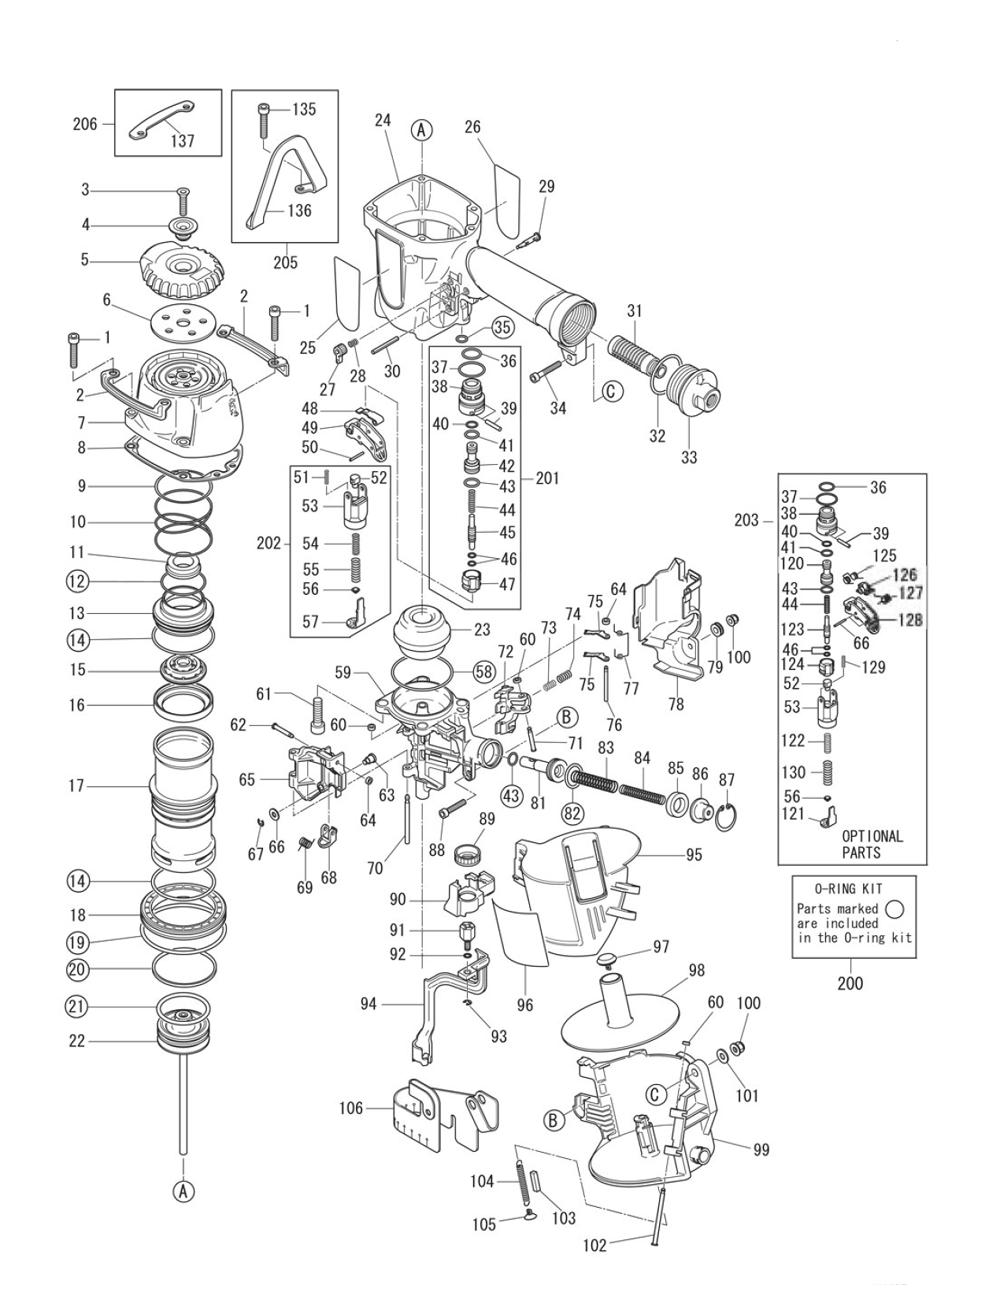 Max Cn665 Parts List